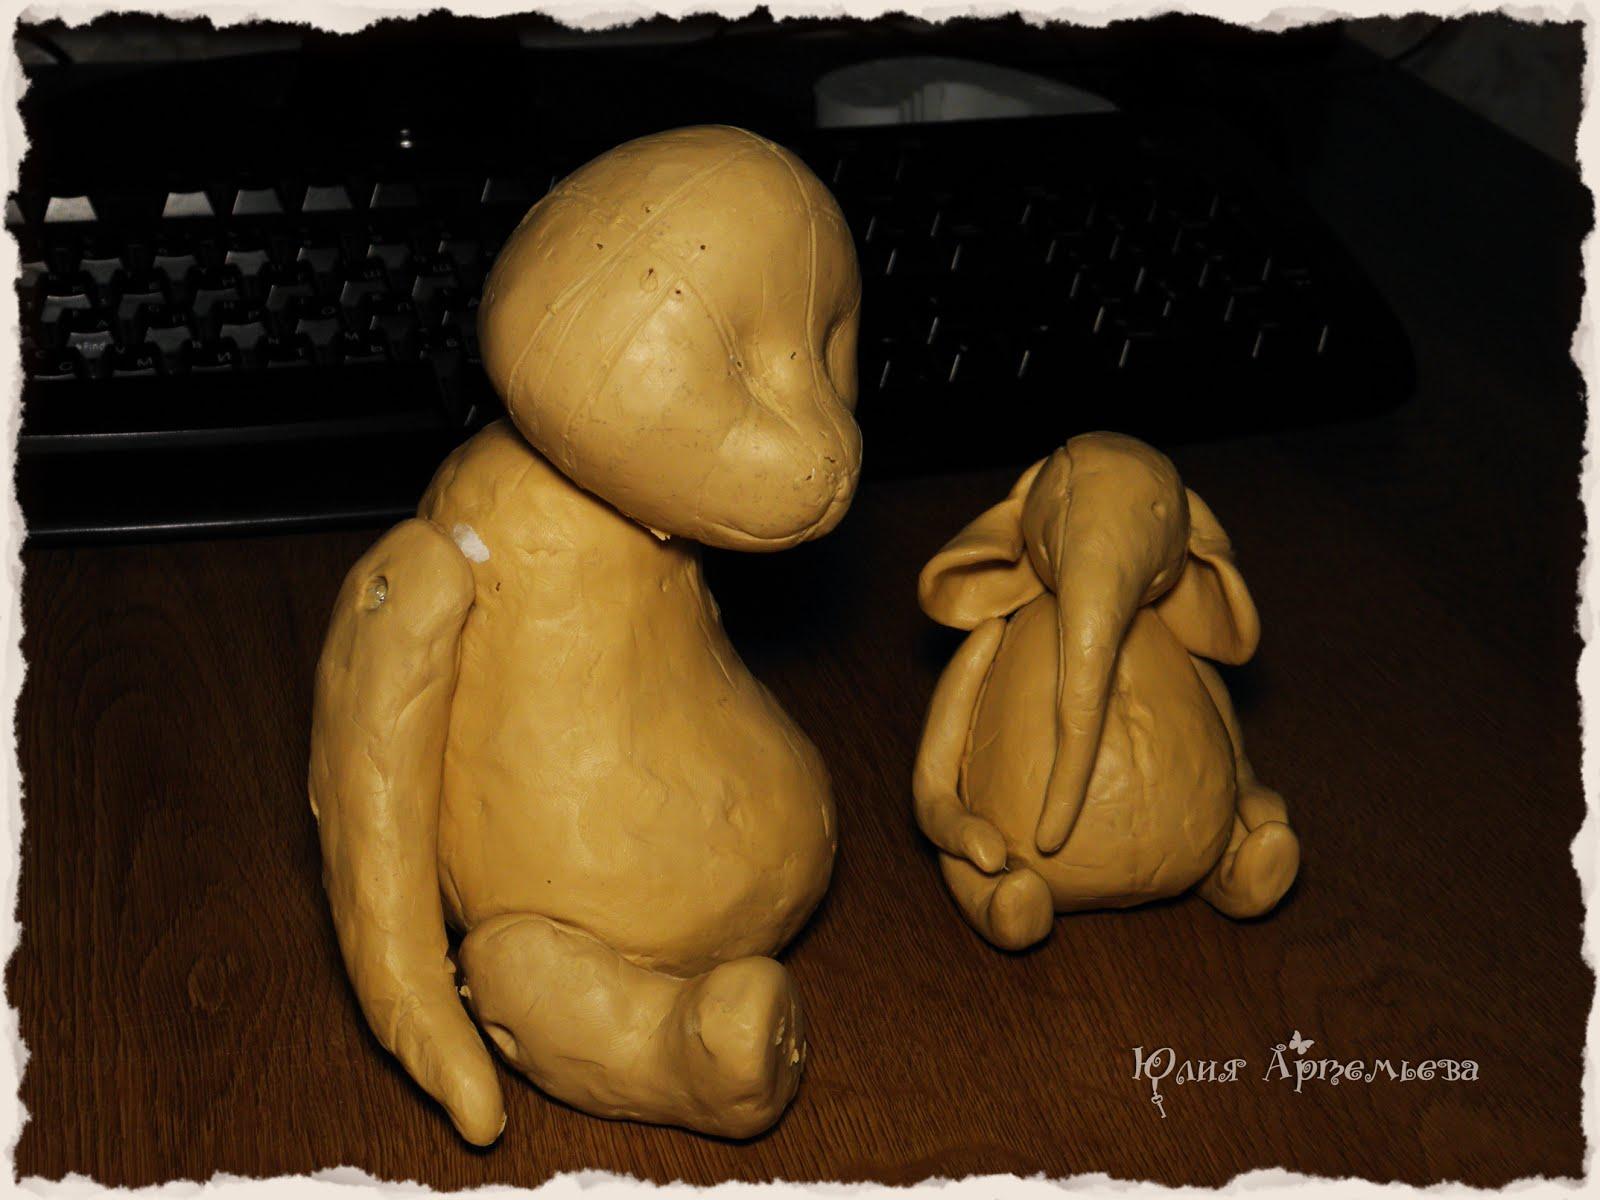 Создание выкройки мишки по пластилиновому макету фото 736